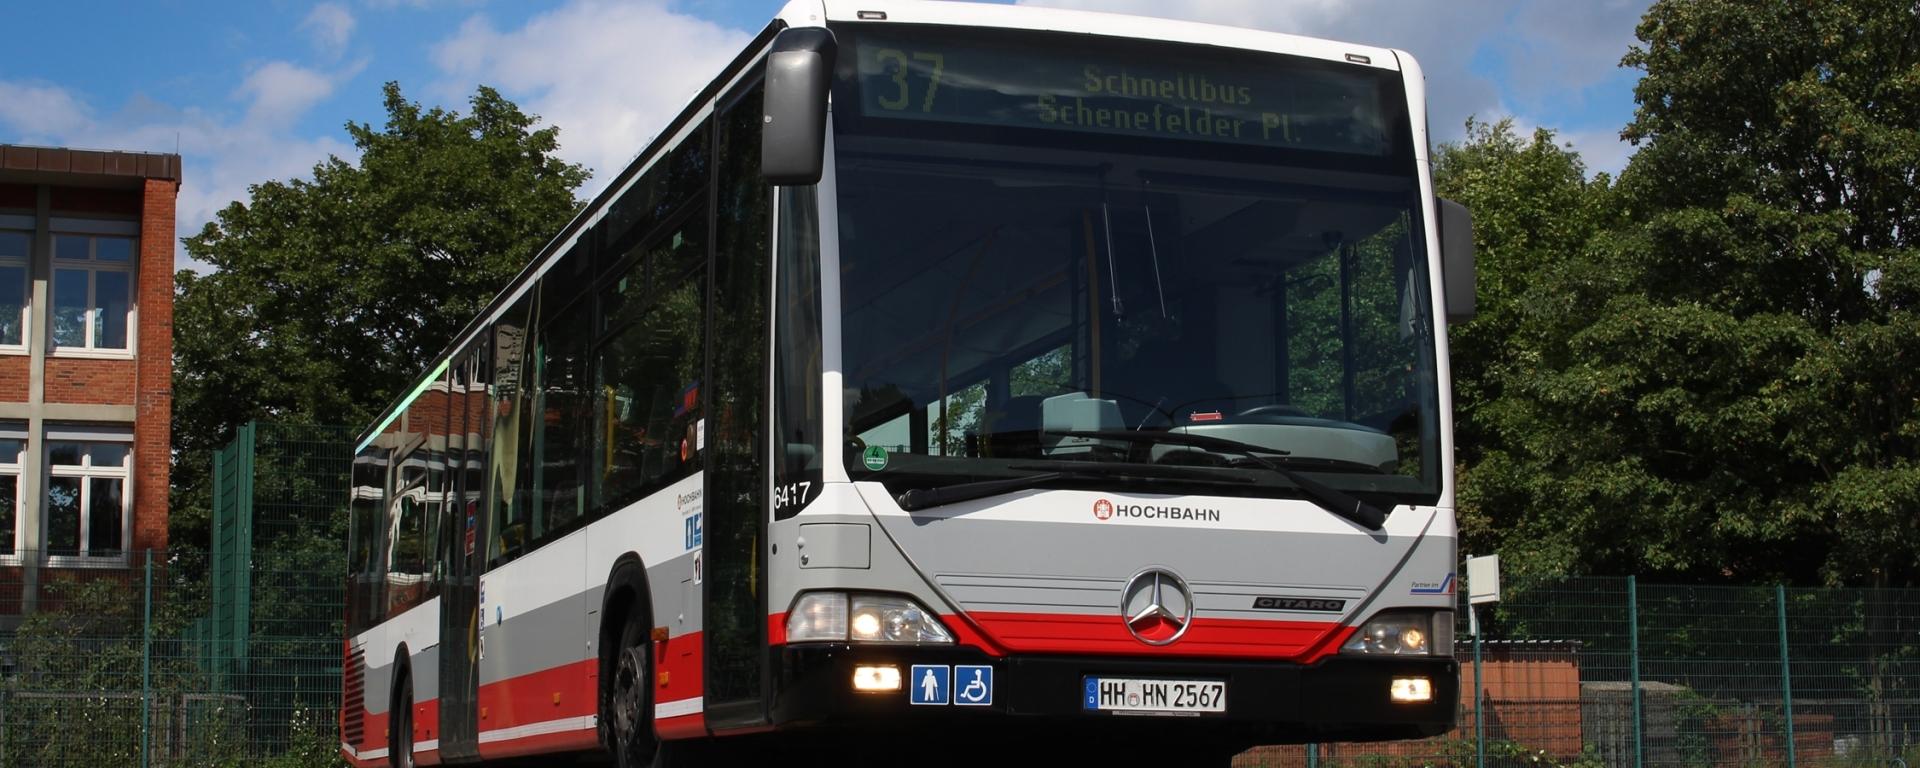 """Am 6. August machte der HOV eine Fotosonderfahrt im Mesterkamper Bedienungsgebiet. Davon war auch ein Rundgang über den Betriebshof Mesterkamp, welcher durch den im Bau befindlichen Betriebshof Gleisdreieck (zwischen U1, S1 und GUB) ersetzt wird. Zum Abschluss des Rundgangs wurden neben einem aktuellen Citaro C2 und Solaris Urbino 12 auch ein """"guter alter"""" 64er-Schnellbus fotogen vorgefahren. Der hier abgebildete Wagen 6417 wurde im Mai 2005 zugelassen und wurde vorige Woche aus dem Betrieb genommen, nach zwölfeinhalb Jahren... Die 64er-Schnellbusse werden derzeit durch zwanzig 67er (Citaro C2 LE) ersetzt."""